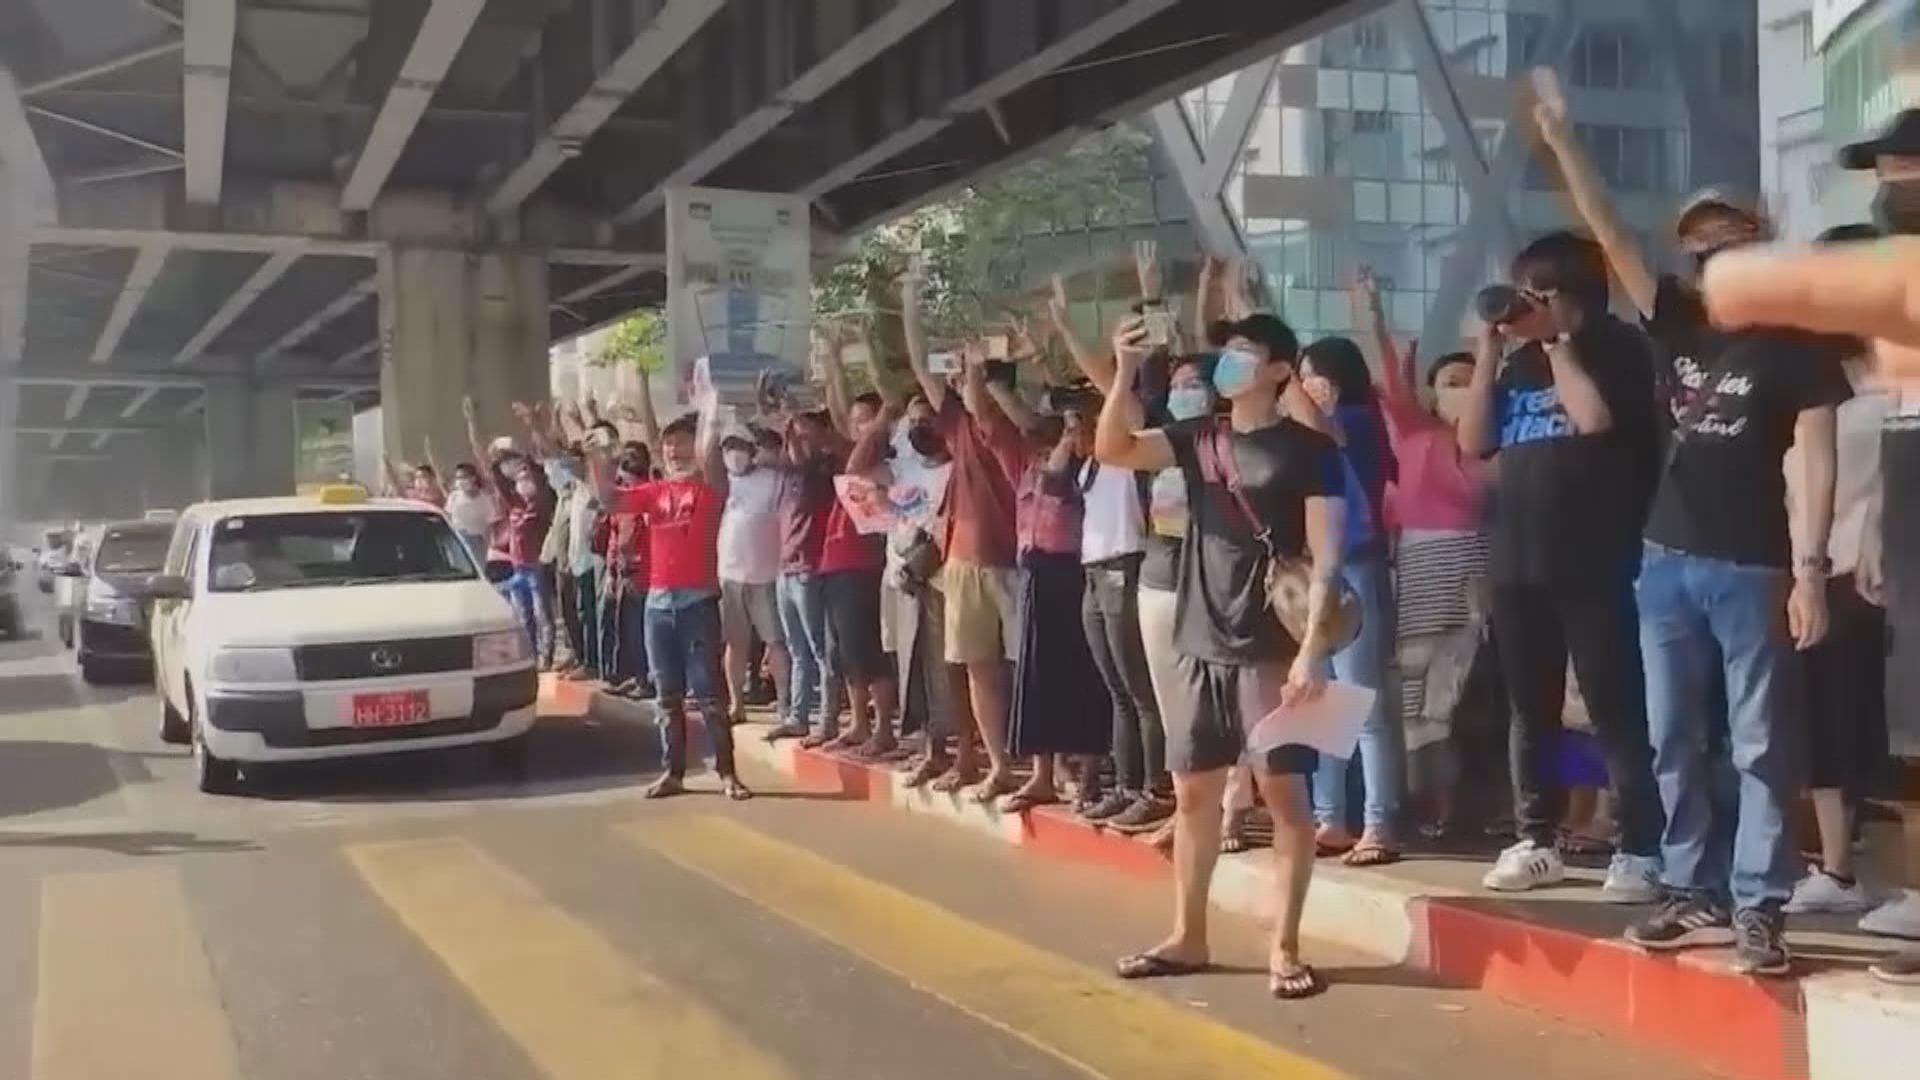 緬甸東南部城鎮警員開槍鎮壓示威 暫未知有無人受傷